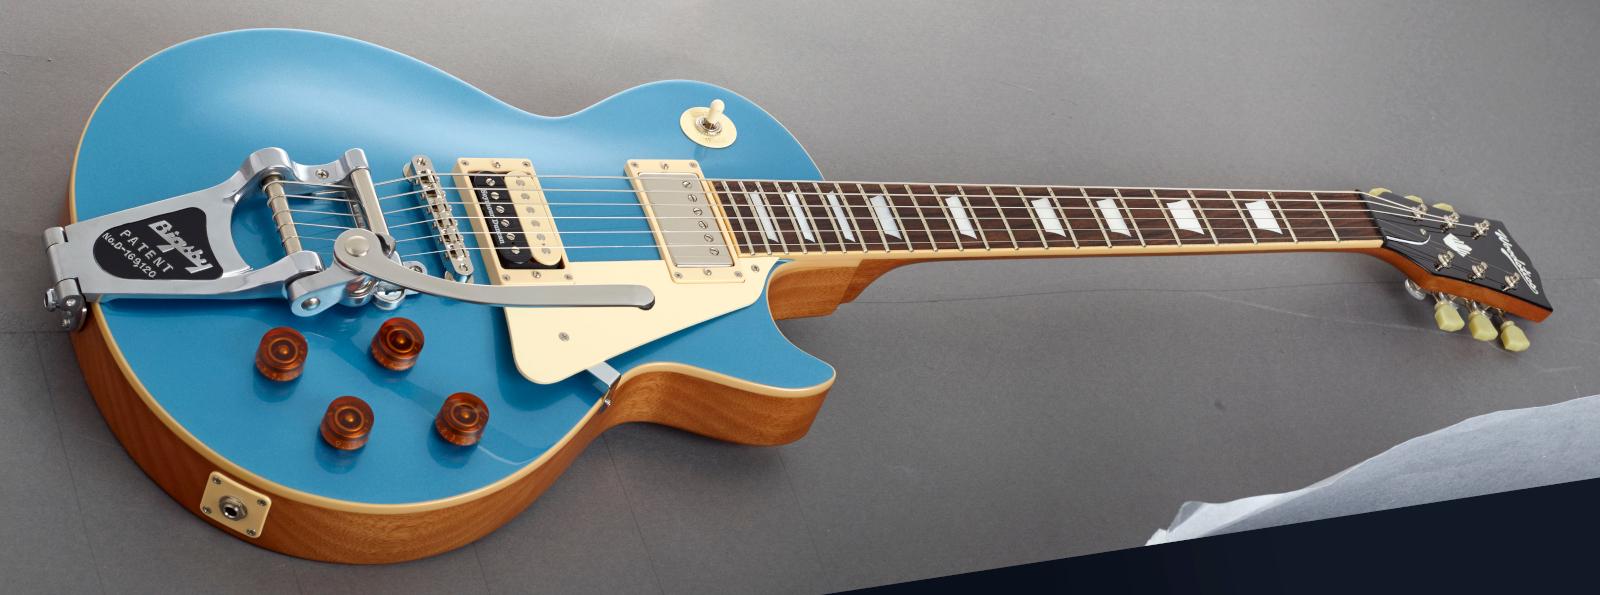 【初回入荷】【送料無料】Woodstics Guitars Ken Yokoyama Produced Model WS-LP-STD/B ウッドスティック レスポール 横山健 Pelham blue【即納可能】